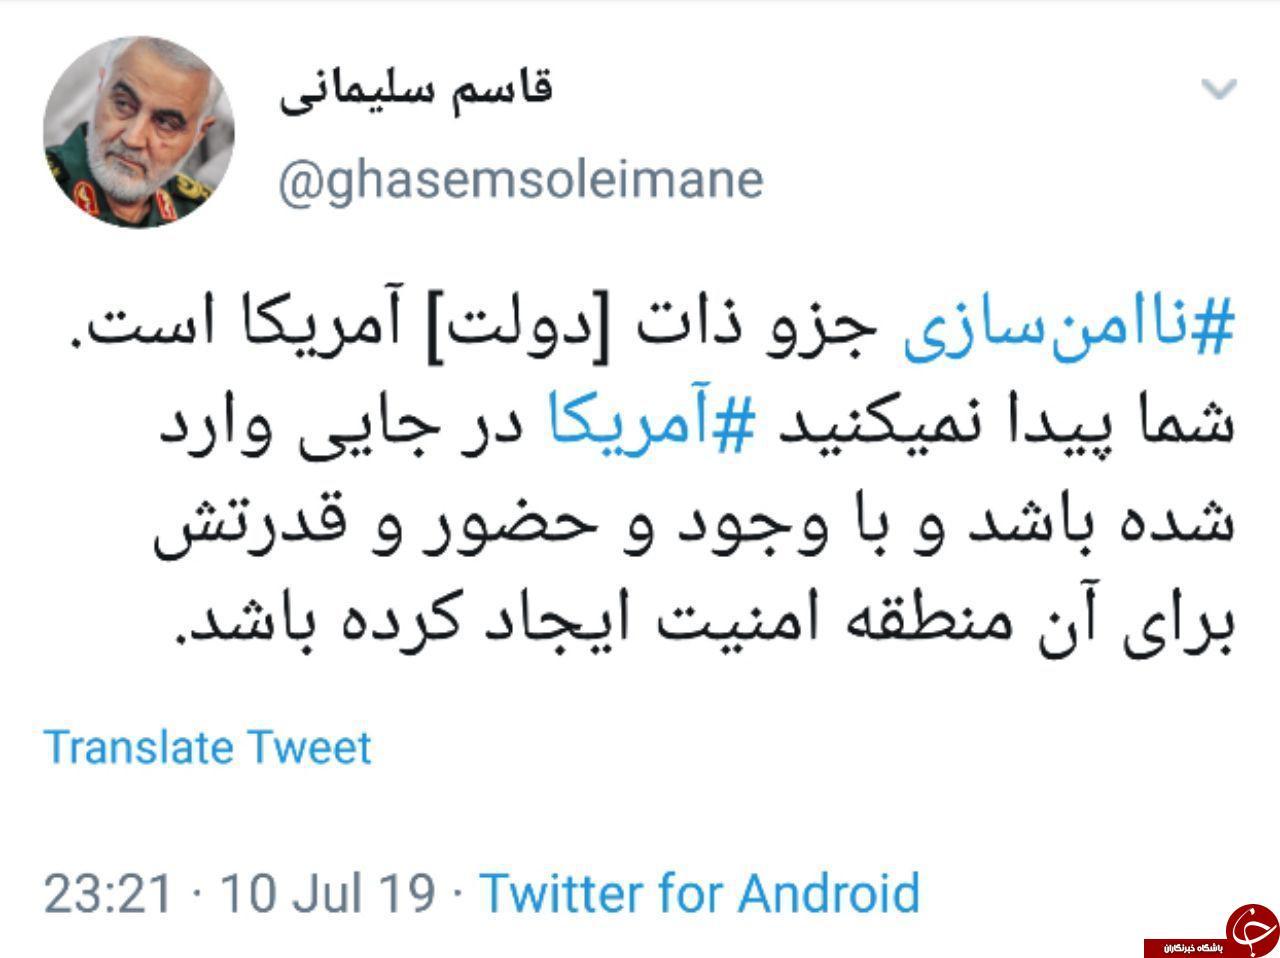 توییت جدید سردار سلیمانی خطاب به دولت آمریکا